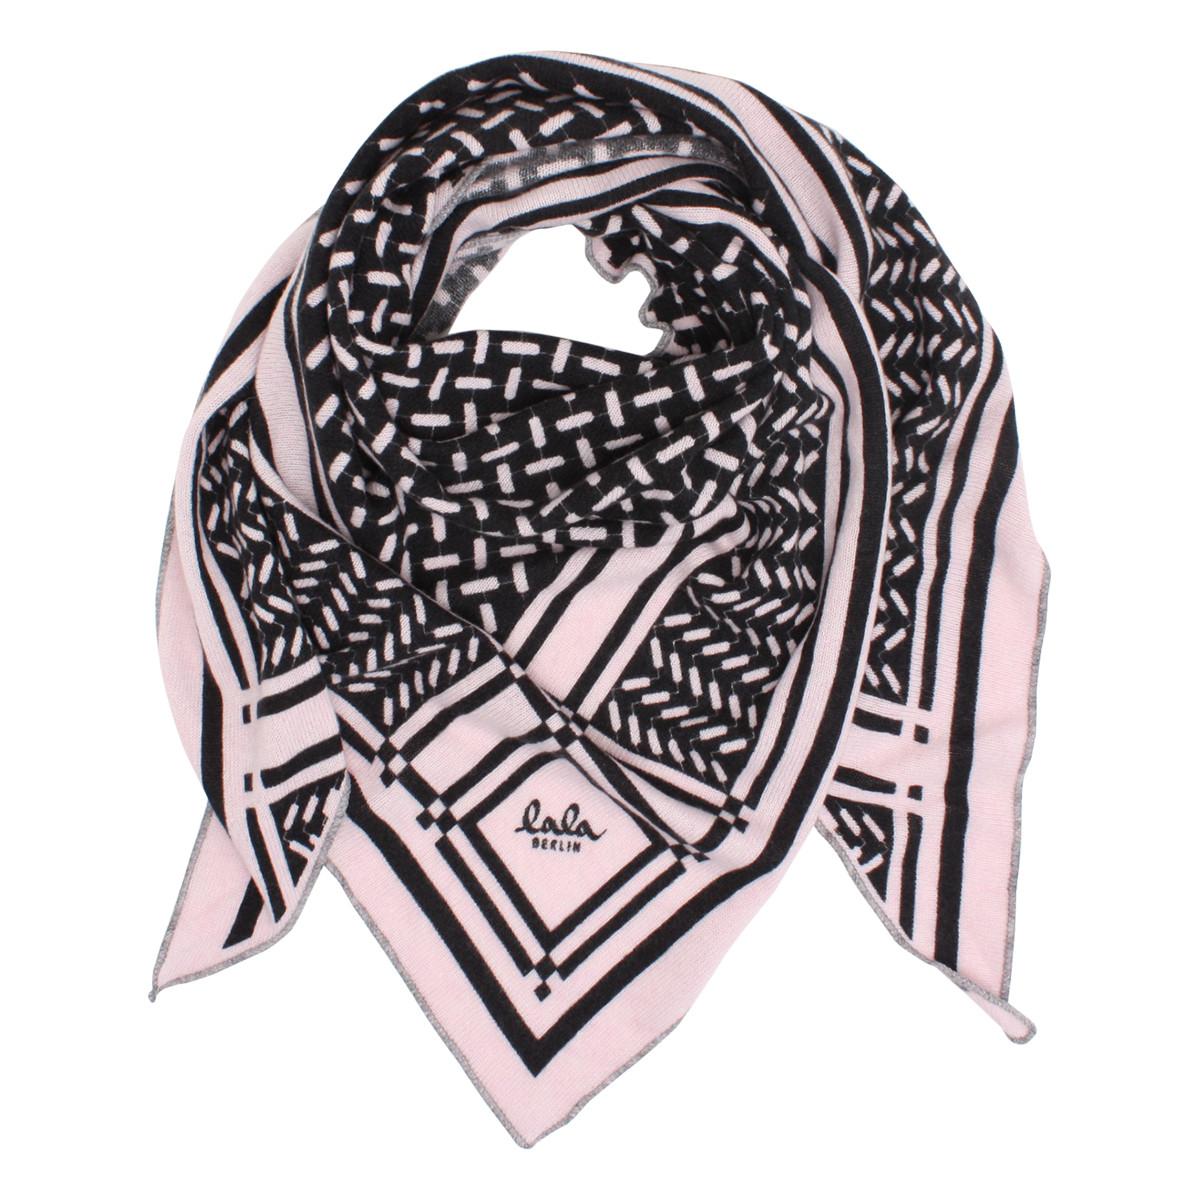 5f8708d5665 Tørklæder til kvinder | Kashmir, silke og uldtørklæder - stort udvalg